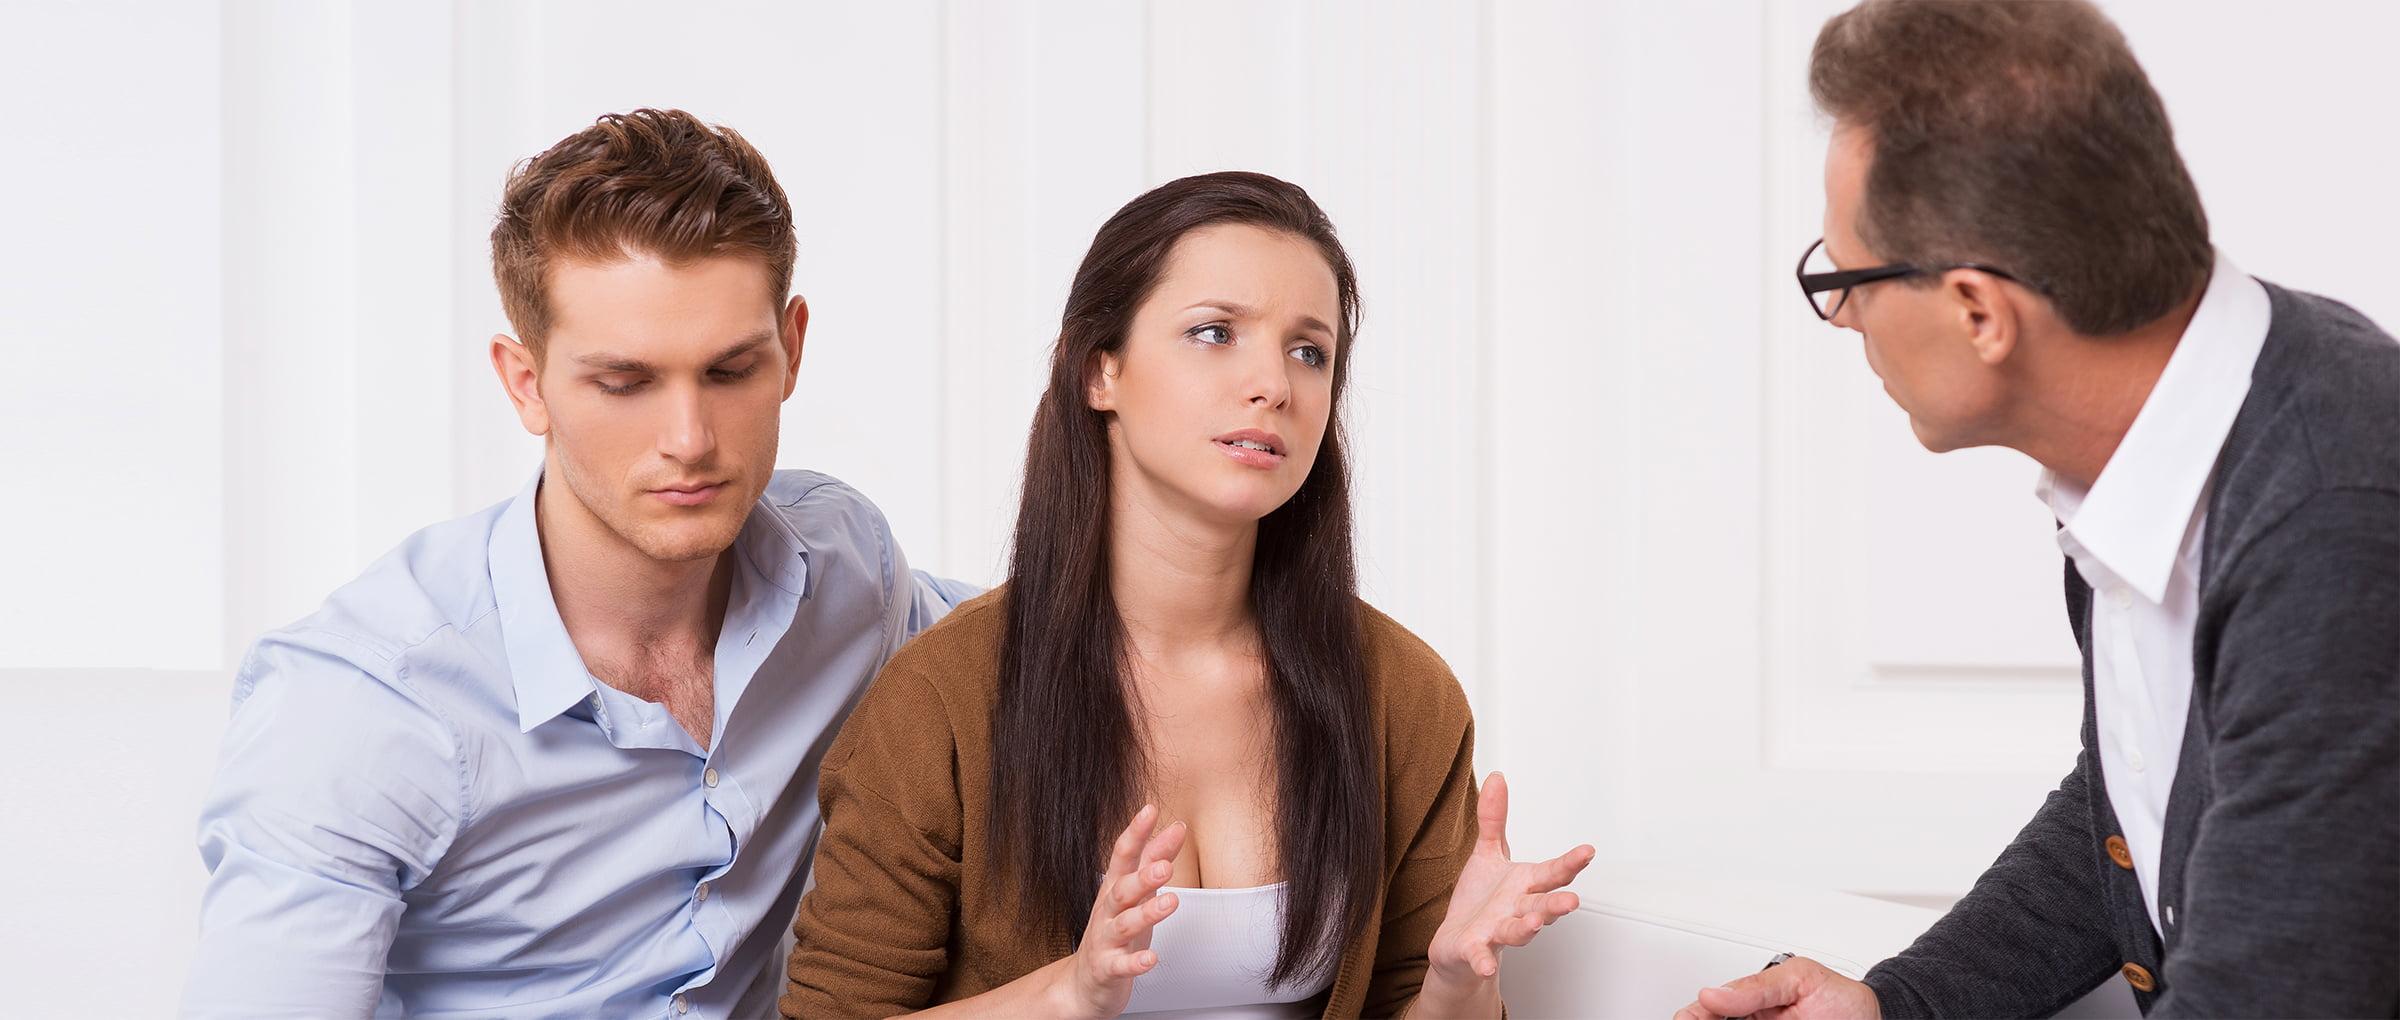 Dudas frecuentes sobre reproducción asistida